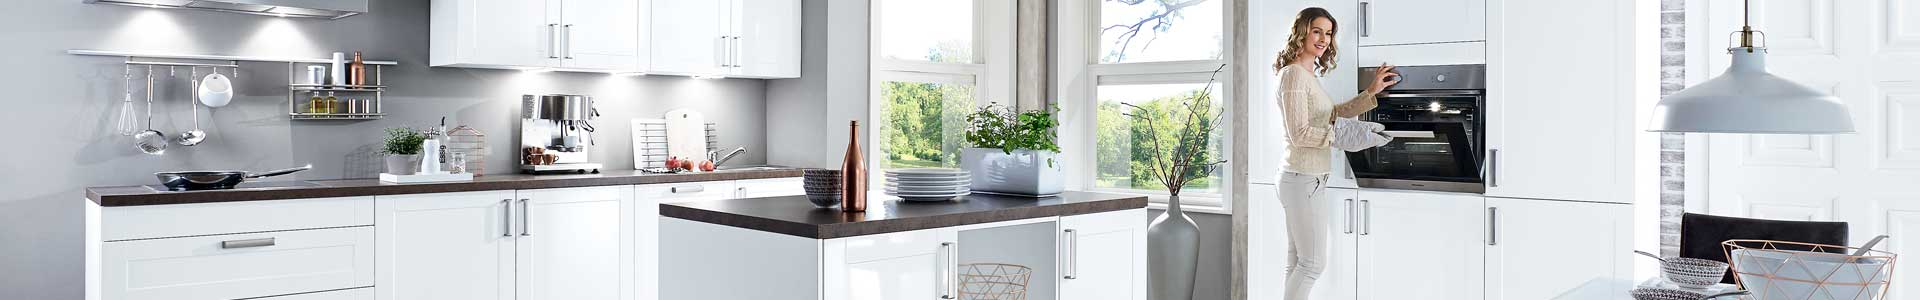 decker nolte sch ller und weitere k chenmarken auswahl bei k chen janz in sch nkirchen kiel. Black Bedroom Furniture Sets. Home Design Ideas